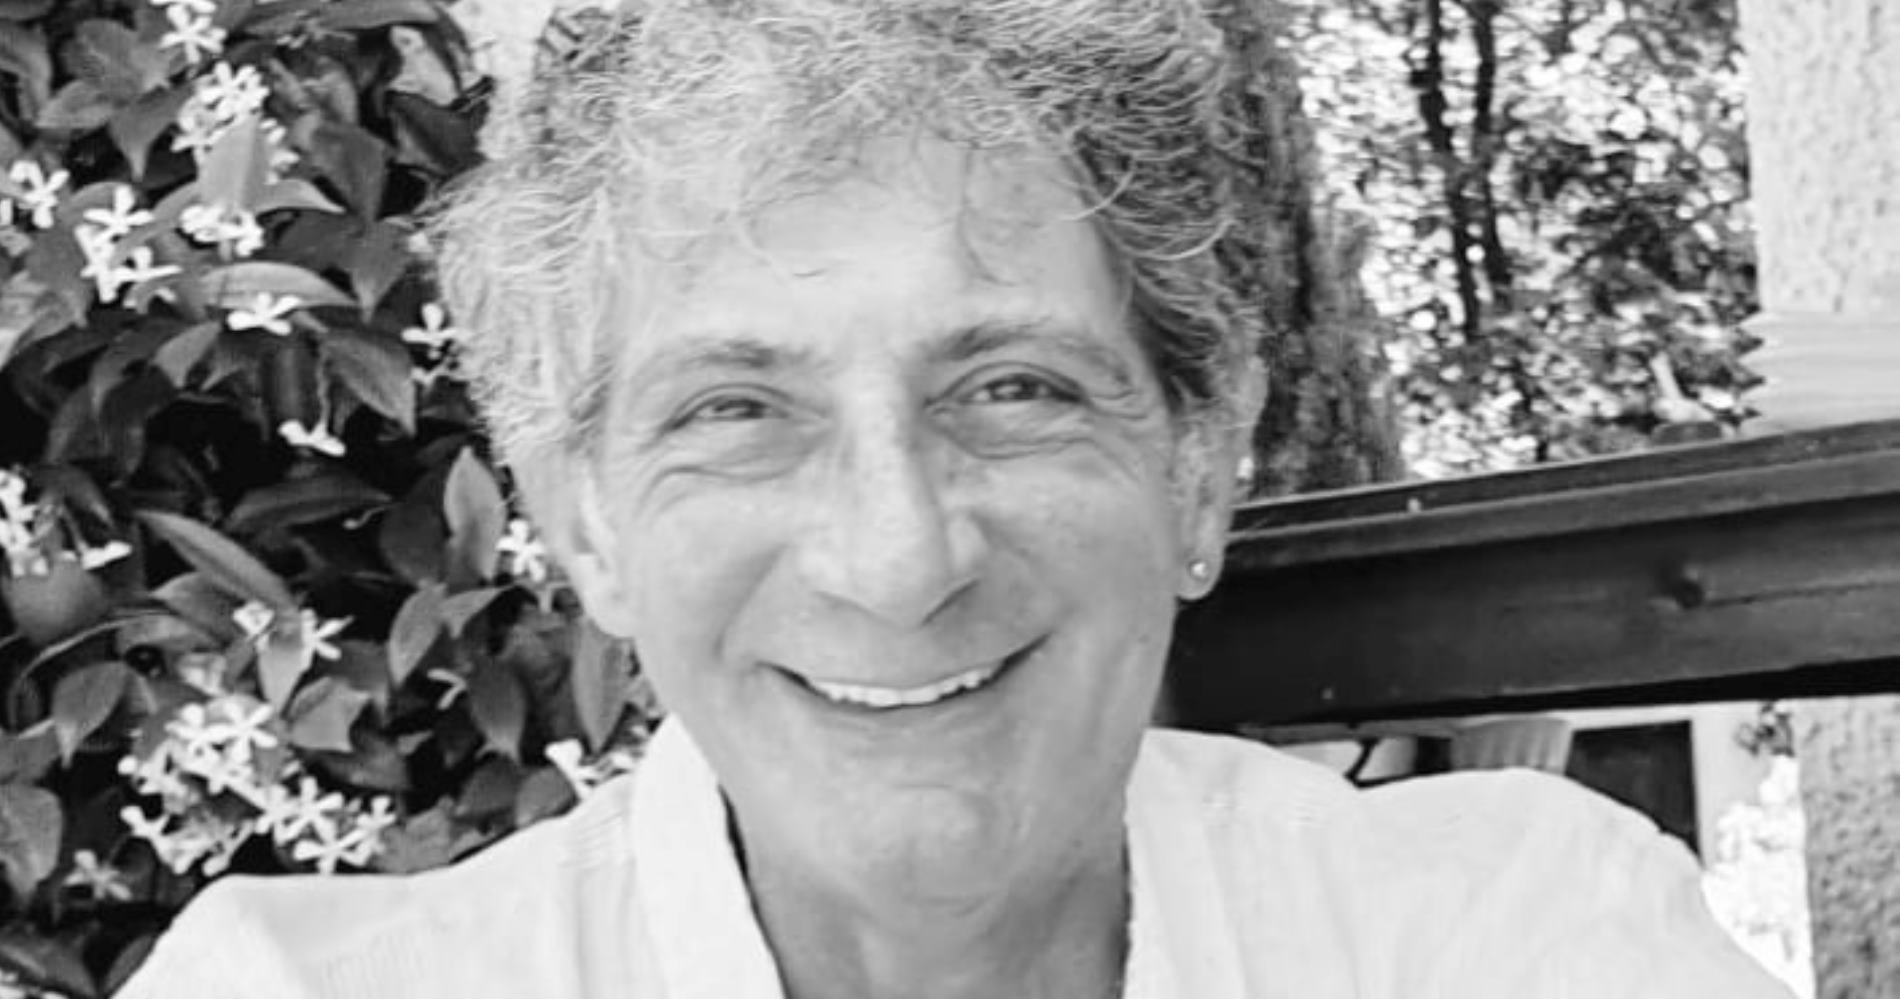 """<span class=""""entry-title-primary"""">Intervista al doppiatore e dialoghista Antonio Palumbo: """"Ho avuto paura di rovinare Breaking Bad""""</span> <span class=""""entry-subtitle"""">Il celebre doppiatore Antonio Palumbo, che ha doppiato personaggi amatissimi dal pubblico, tra cui Sayid di """"Lost"""" o Goemon di """"Lupin III"""", si racconta su La voce dello schermo. </span>"""